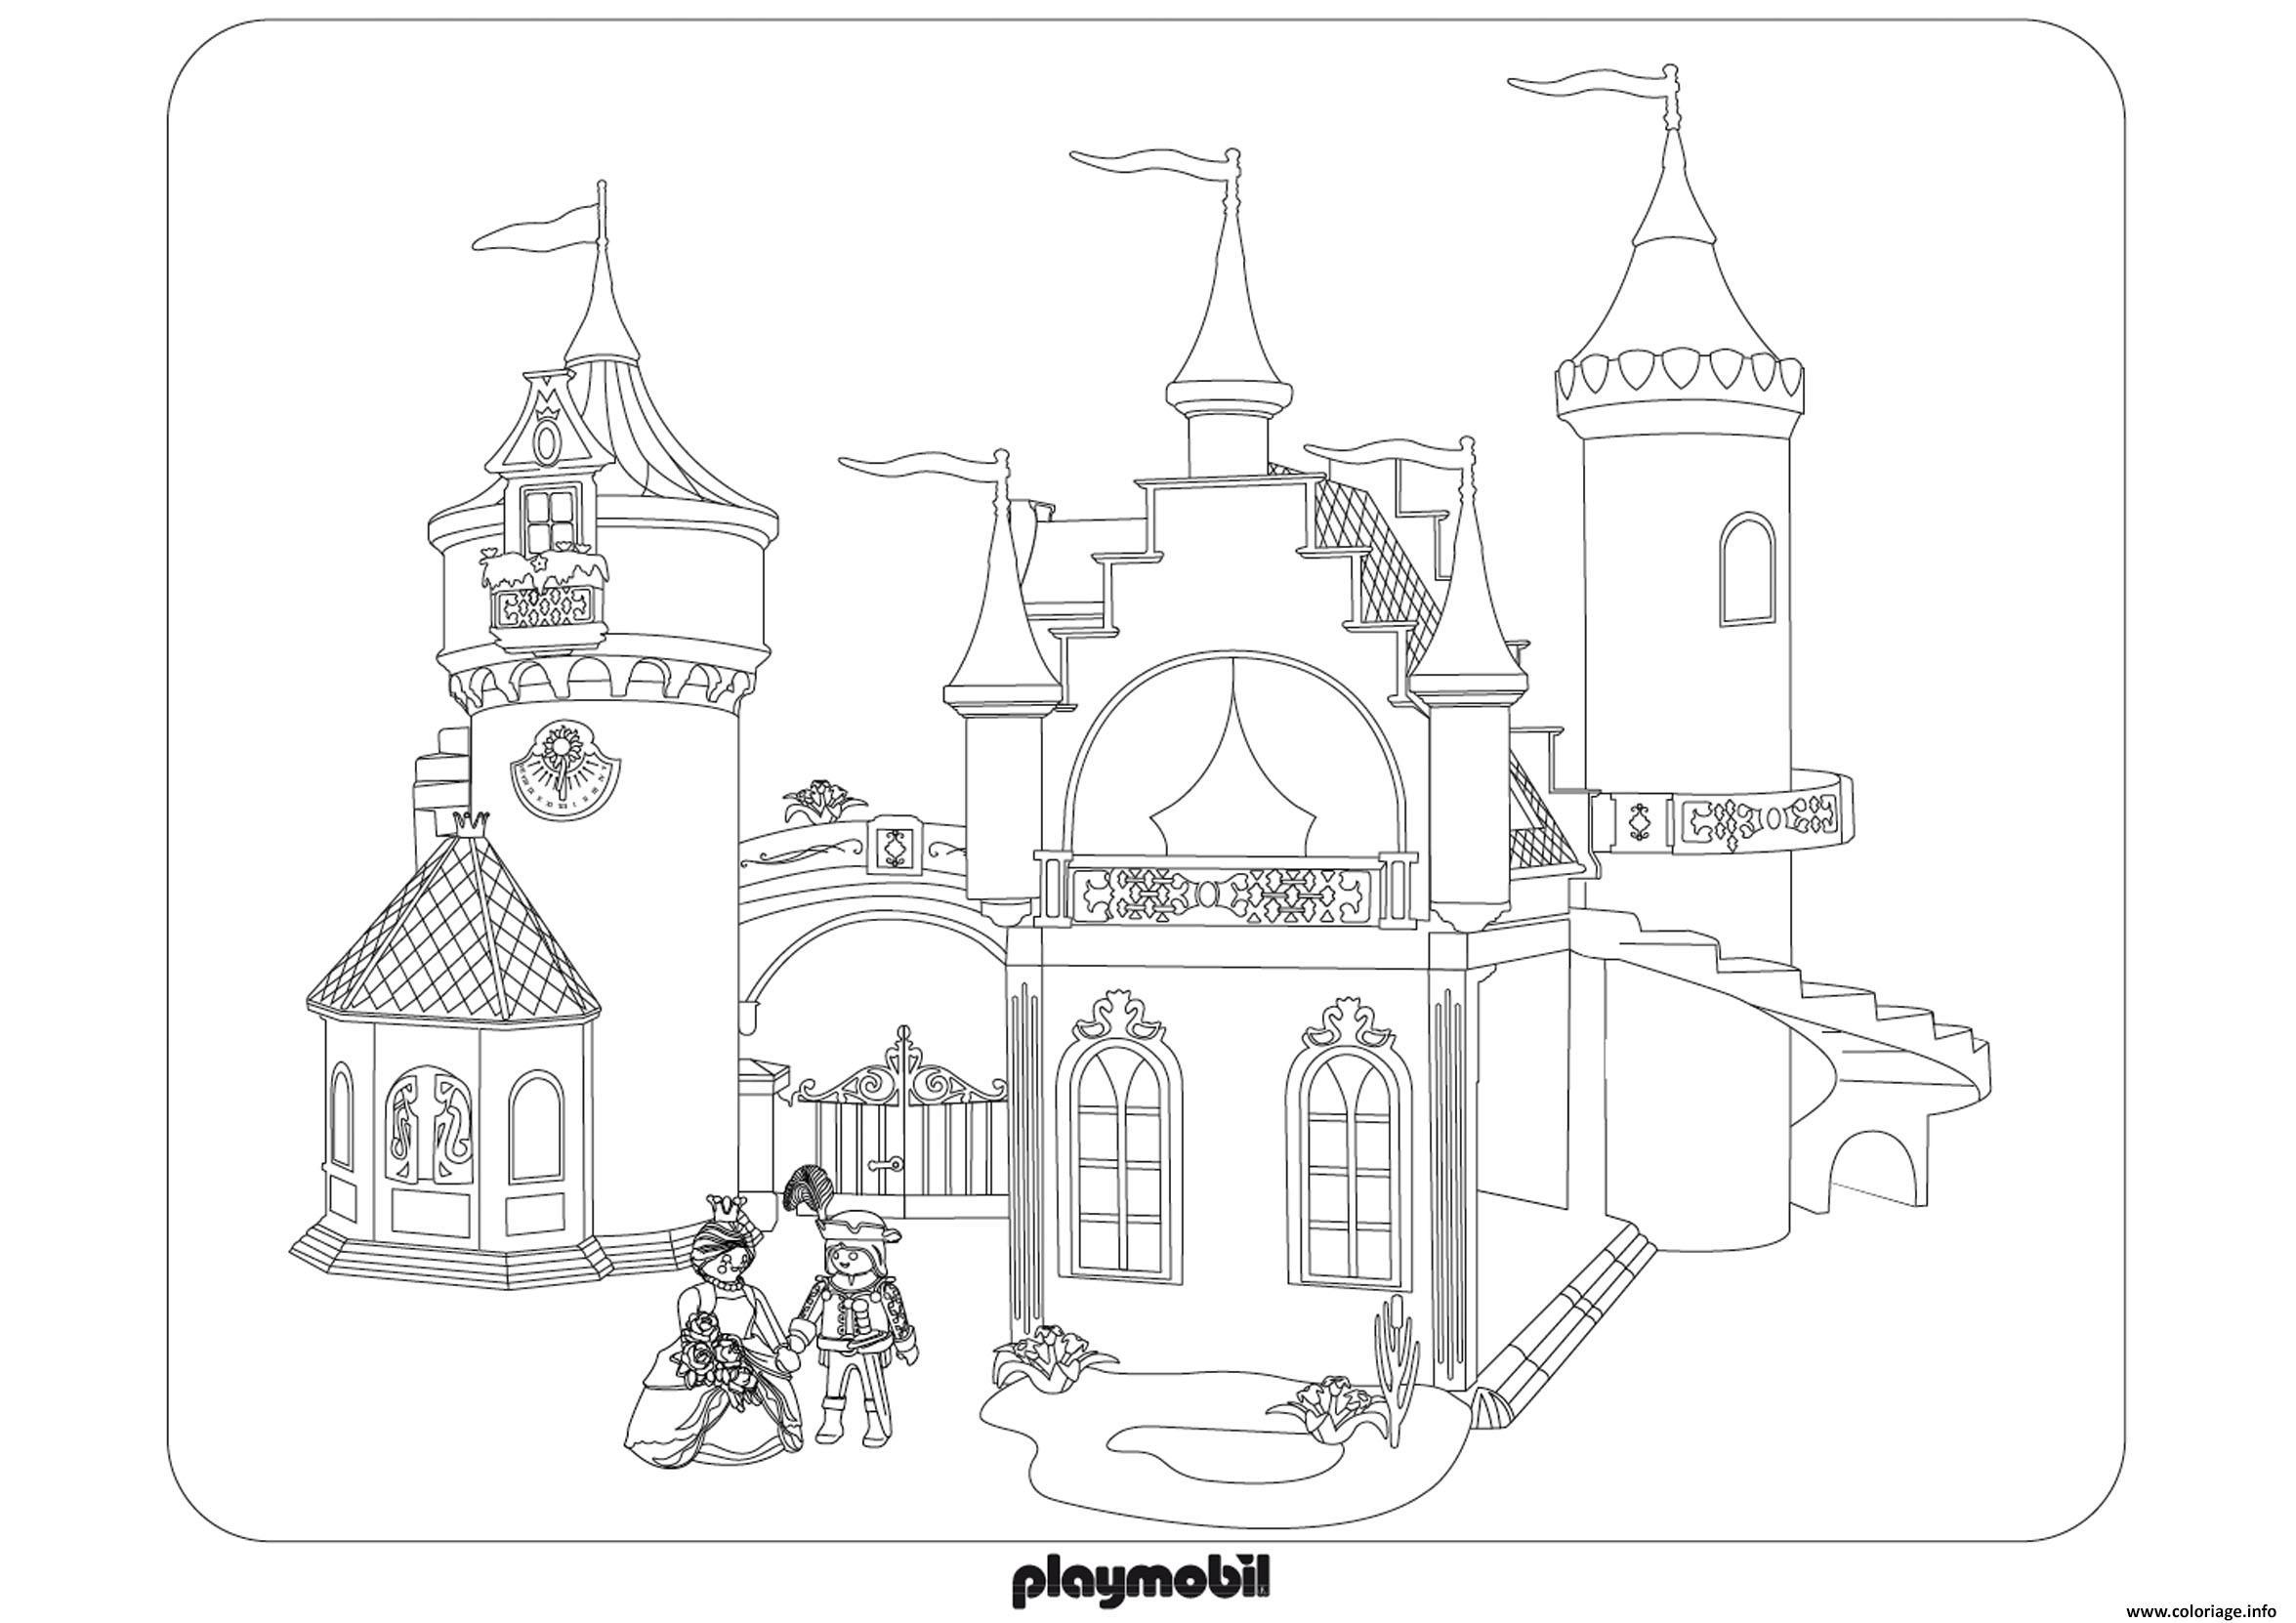 Coloriage Chateau Roi Reine Princesse Playmobil Dessin pour Chateau Princesse Dessin